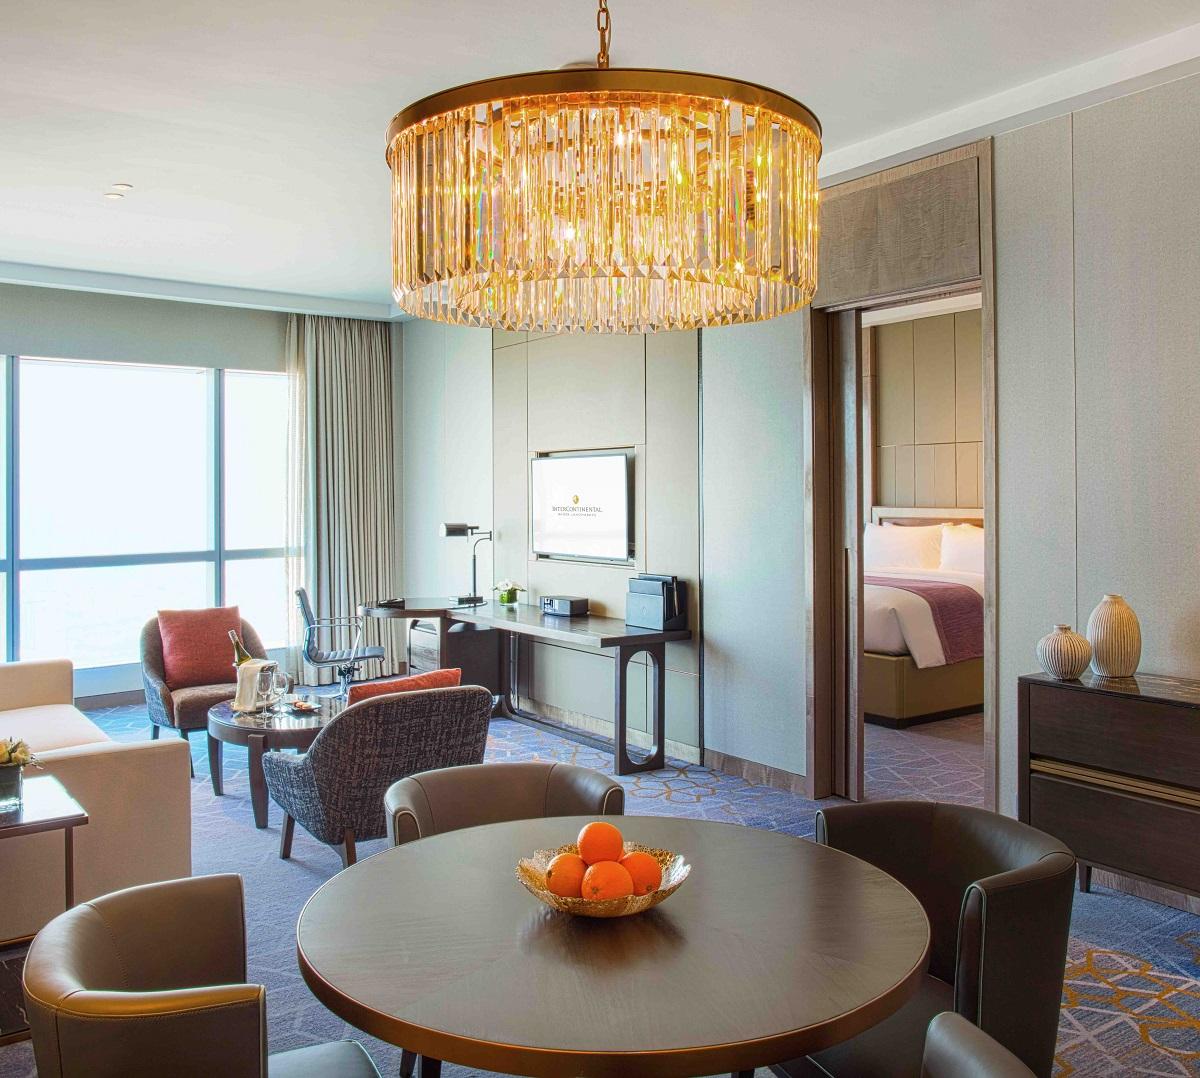 Phòng Royal Suite tại intercontinental hanoi landmark72 khách sạn 5 sao với tiện nghi sang trọng, đặc quyền Club InterContinental và tầm nhìn toàn cành thành phố Hà Nội